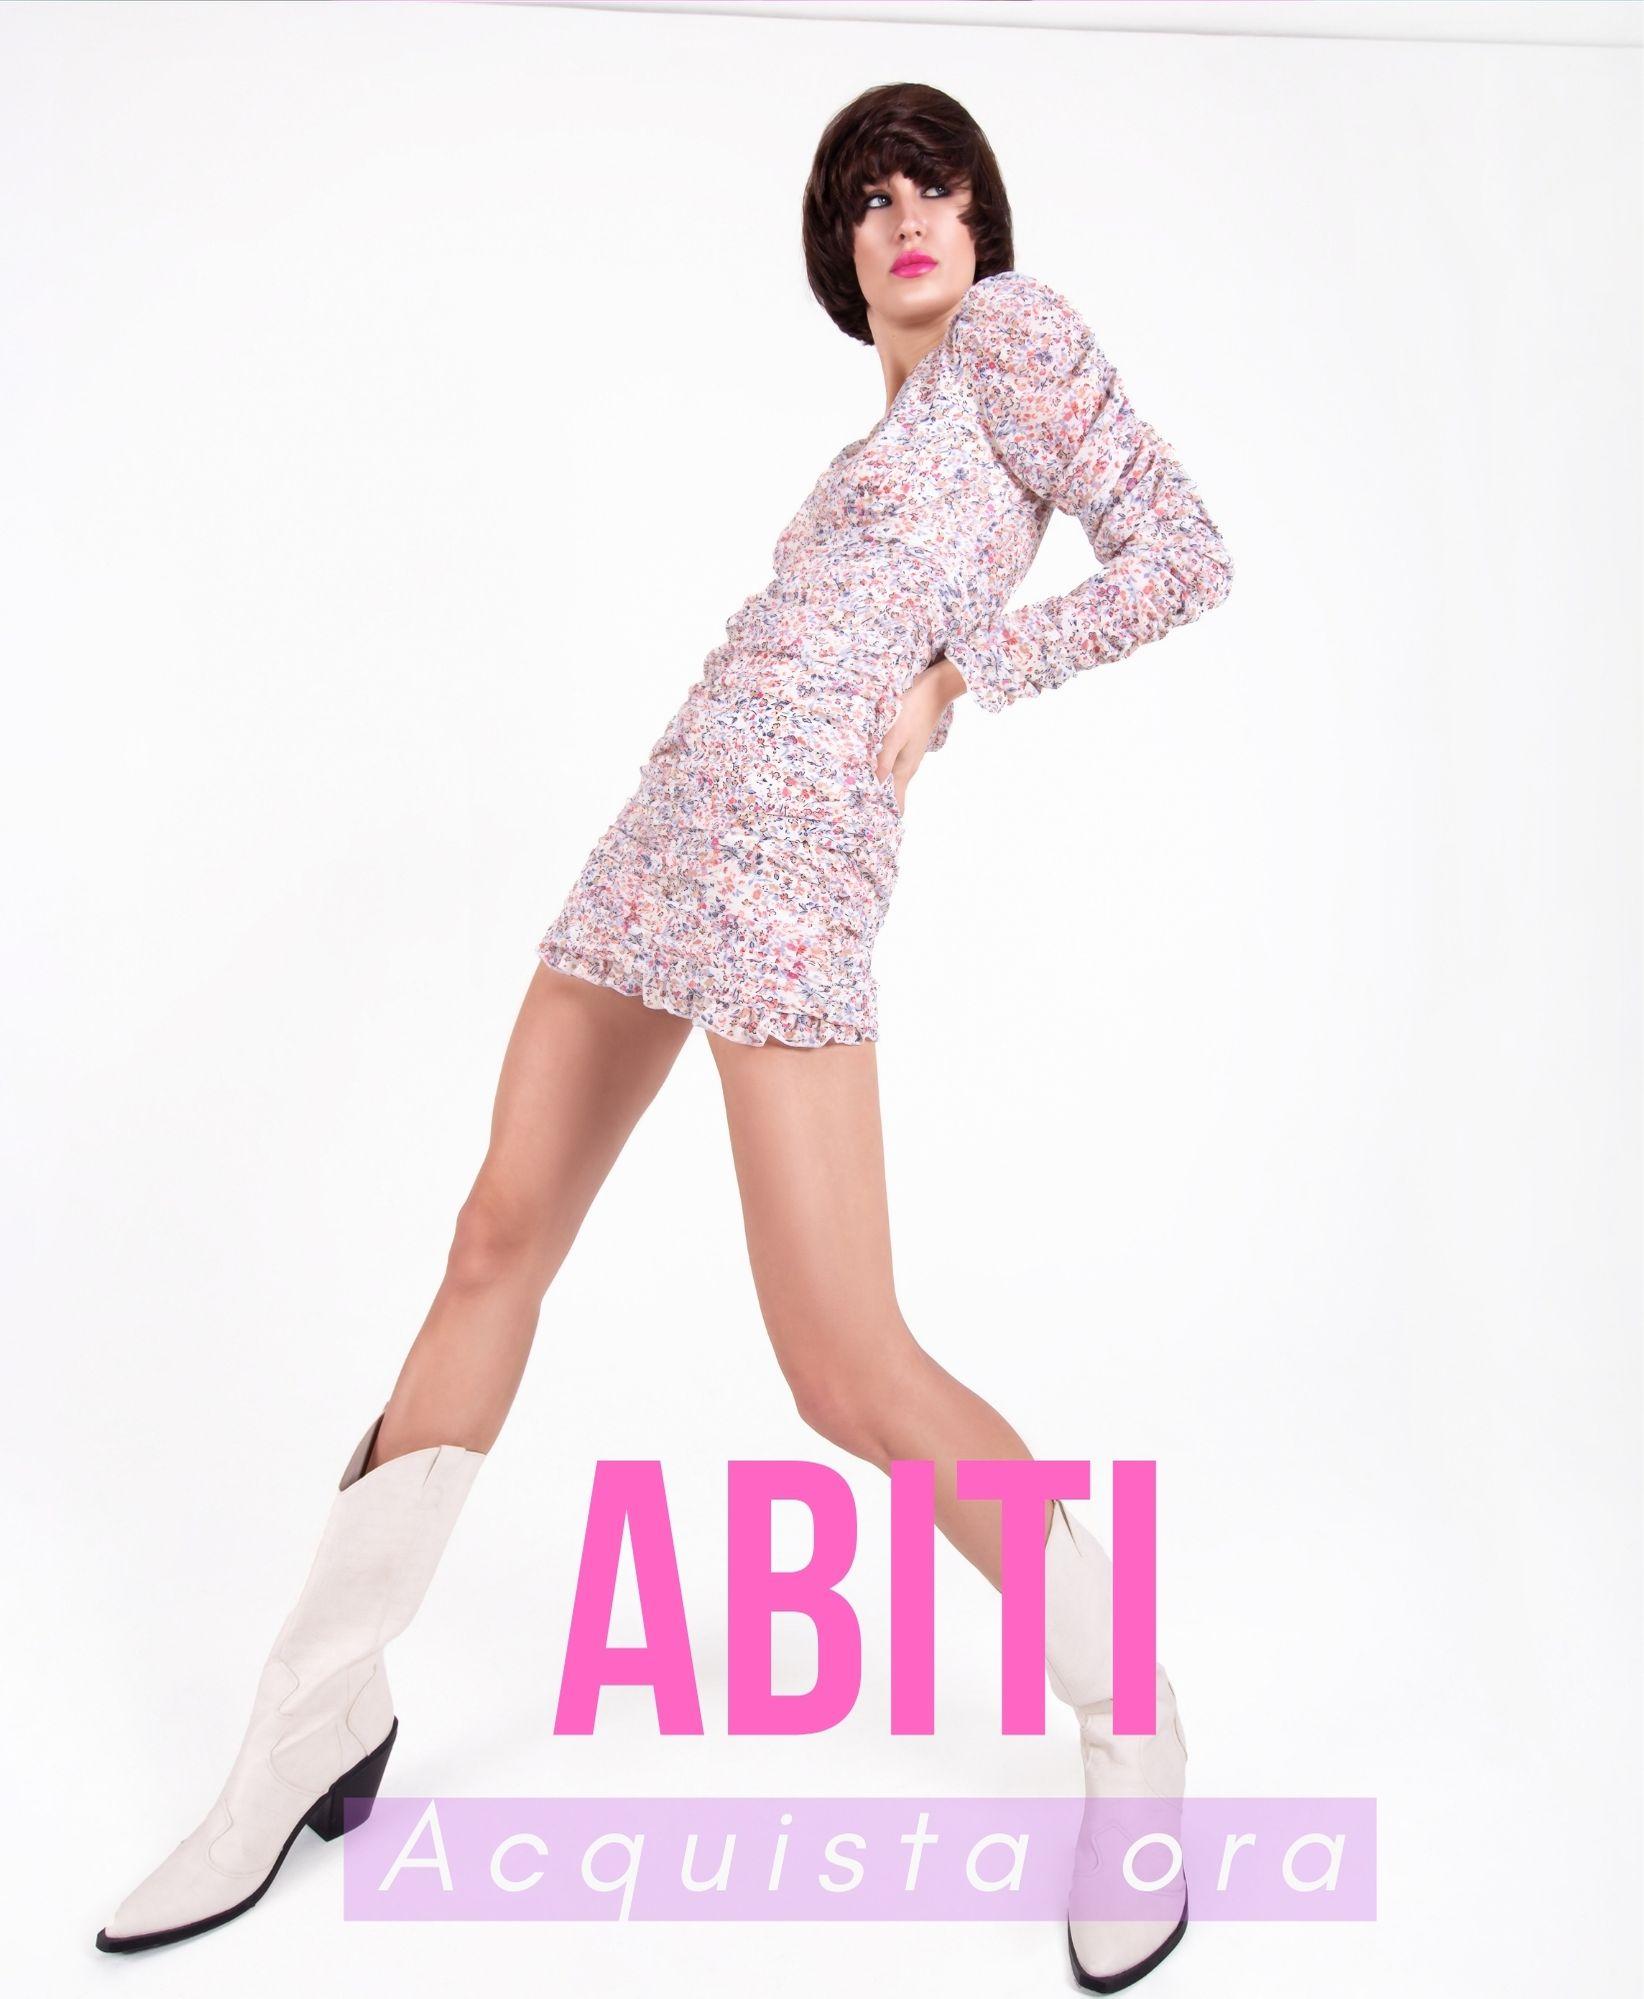 Abiti_vestiti_Abbigliamento Donna Made in Italy_Futur3 Fashion